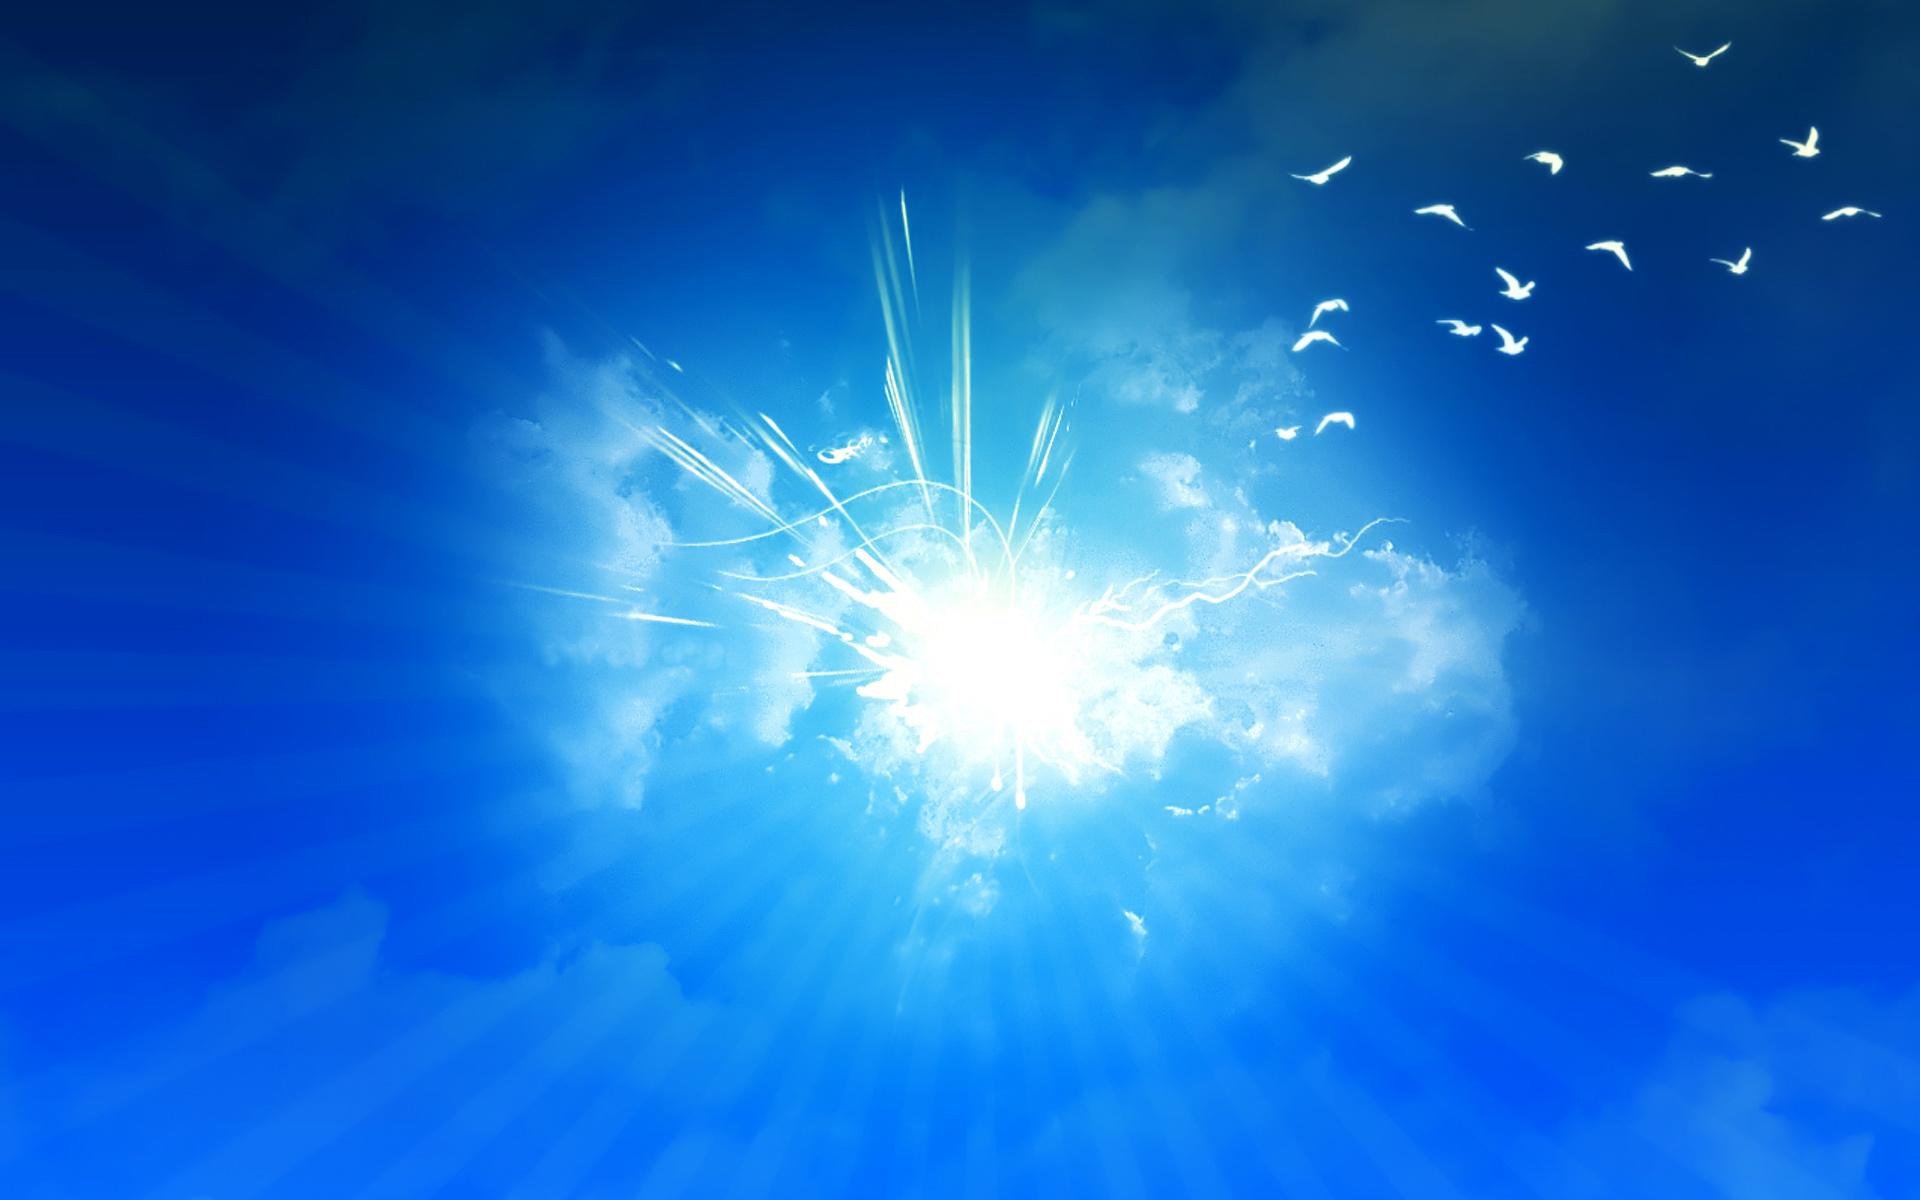 небо, сияние, обои для рабочего стола, скачать